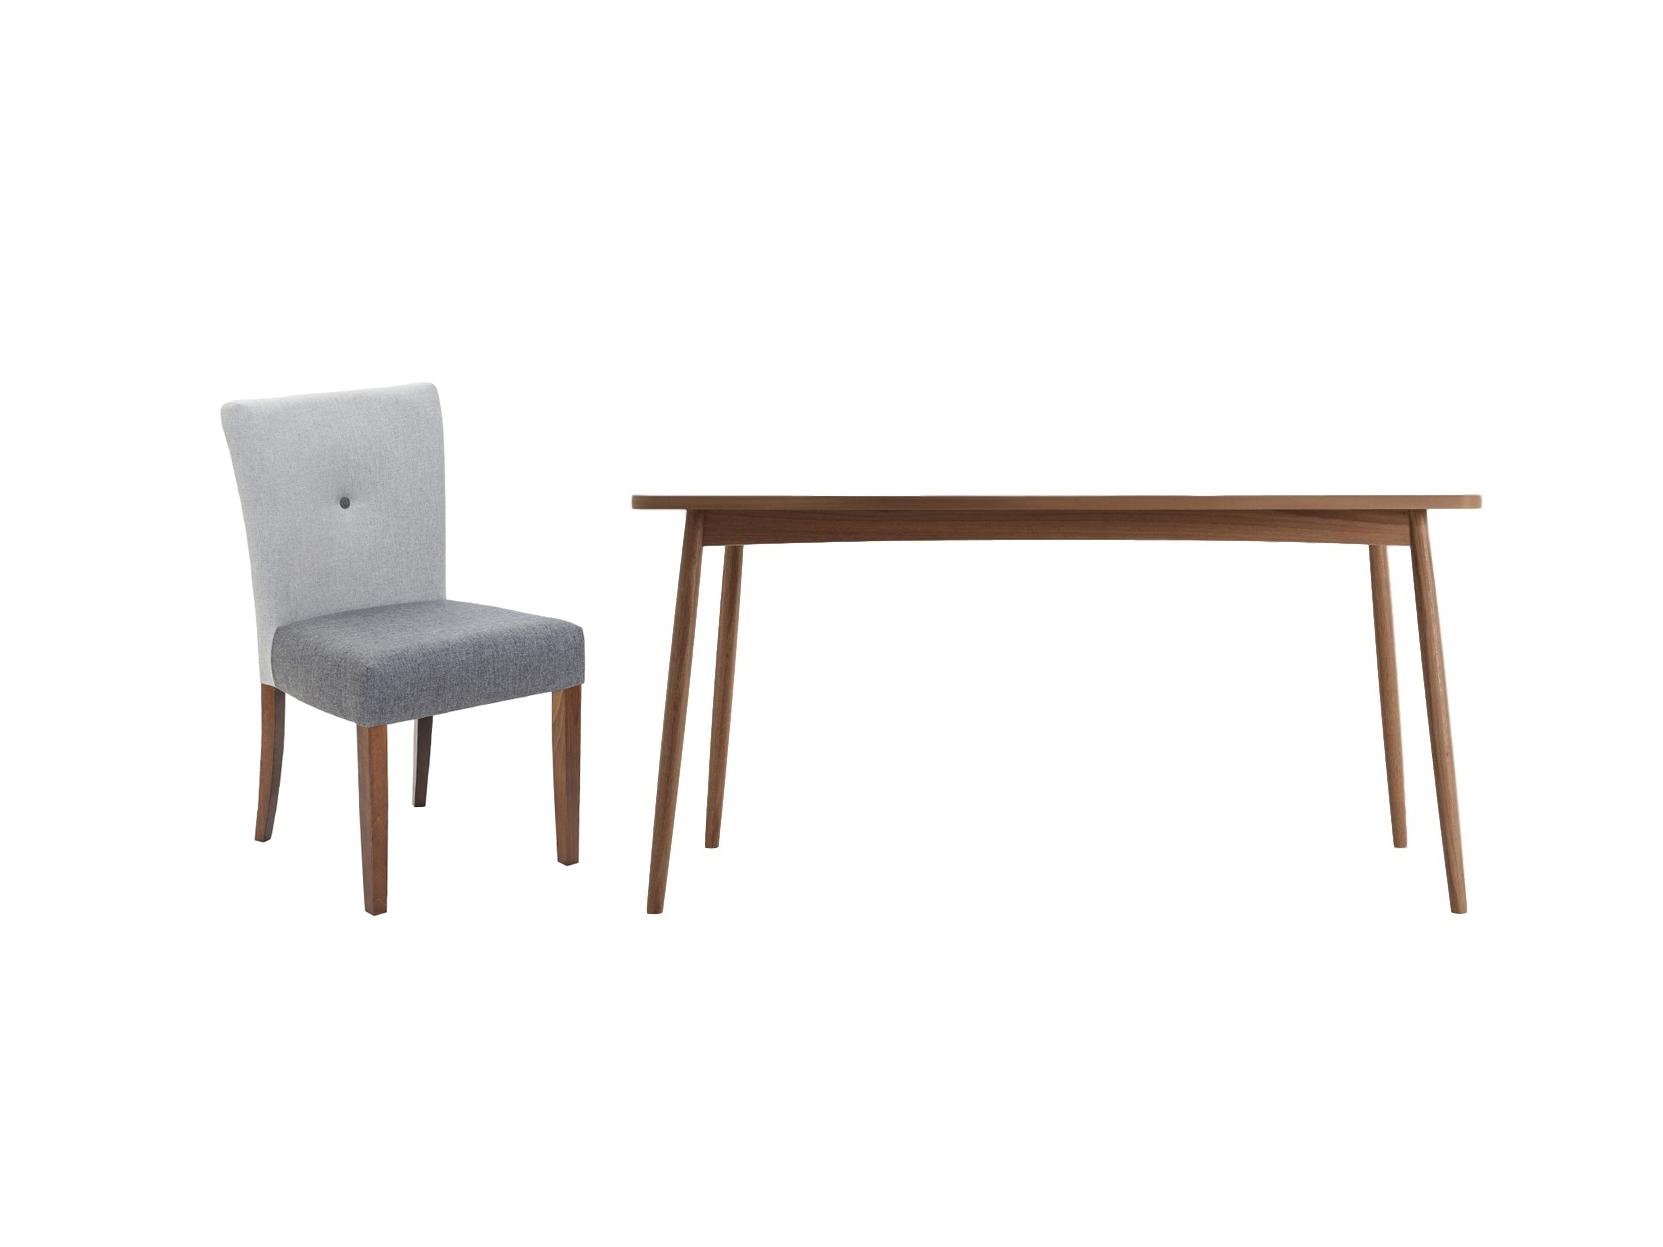 Обеденная группа Twist (стол + 4 стула)Комплекты для столовой<br>&amp;lt;div&amp;gt;&amp;lt;div&amp;gt;Средних габаритов обеденный стол. Идеальное решение для молодой семьи, в качестве дополнительного стола (например, как «кухонного дублёра» главному столу в гостиной) или стола в небольшой квартире-студии.&amp;amp;nbsp;&amp;lt;/div&amp;gt;&amp;lt;div&amp;gt;Стул &amp;amp;nbsp;- образец скандинавского минимализма и трепетного отношения к экологичным материалам. С ним вы сможете сформировать совершенно новый образ вашего интерьера или одним элегантным штрихом дополнить уже имеющийся.&amp;lt;/div&amp;gt;&amp;lt;div&amp;gt;&amp;lt;br&amp;gt;&amp;lt;/div&amp;gt;&amp;lt;div&amp;gt;Размеры стола: 160/80/76 см&amp;lt;br&amp;gt;&amp;lt;/div&amp;gt;&amp;lt;div&amp;gt;Материал стола: МДФ&amp;lt;br&amp;gt;&amp;lt;/div&amp;gt;&amp;lt;div&amp;gt;Размеры стула: 49/54/87 см&amp;lt;br&amp;gt;&amp;lt;/div&amp;gt;&amp;lt;div&amp;gt;Материал стула (ножки): орех&amp;lt;/div&amp;gt;&amp;lt;div&amp;gt;&amp;lt;br&amp;gt;&amp;lt;/div&amp;gt;&amp;lt;div&amp;gt;&amp;lt;br&amp;gt;&amp;lt;/div&amp;gt;&amp;lt;div&amp;gt;&amp;lt;br&amp;gt;&amp;lt;/div&amp;gt;&amp;lt;div&amp;gt;&amp;lt;br&amp;gt;&amp;lt;/div&amp;gt;&amp;lt;/div&amp;gt;<br><br>Material: Тик<br>Length см: None<br>Width см: 160<br>Depth см: 80<br>Height см: 76